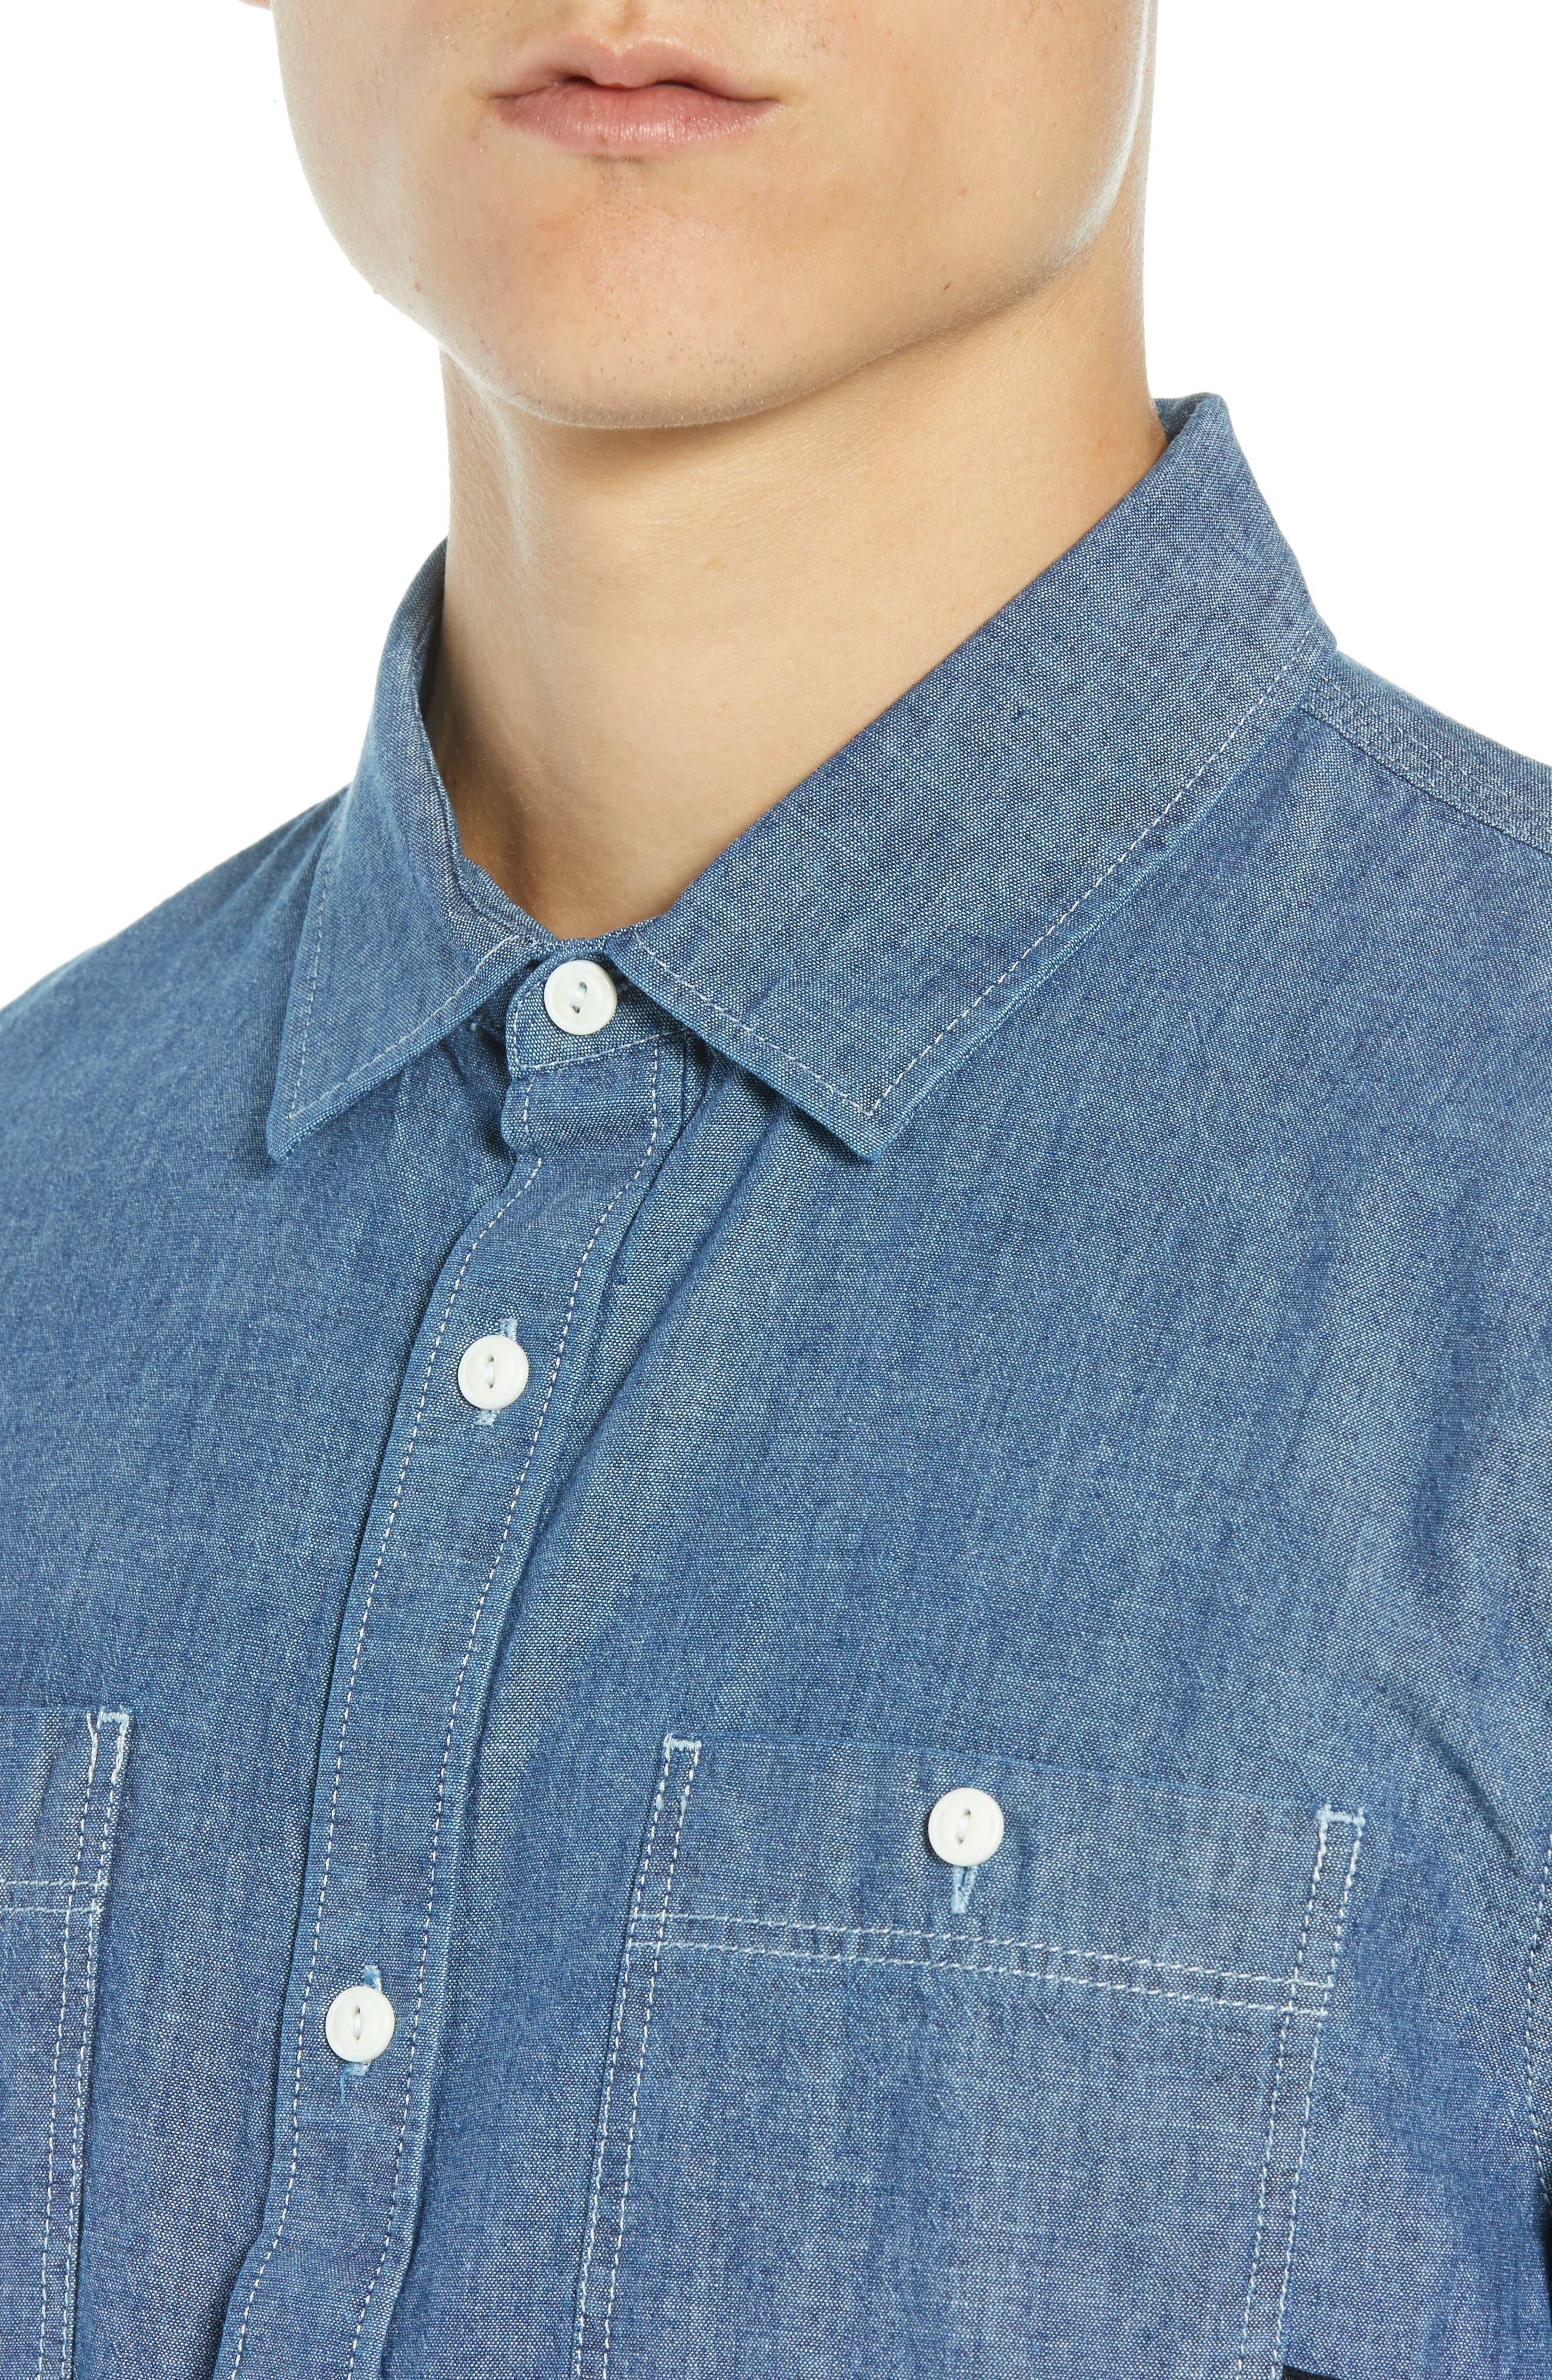 Carlow Chambray Shirt,                             Alternate thumbnail 2, color,                             INDIGO CHAMBRAY